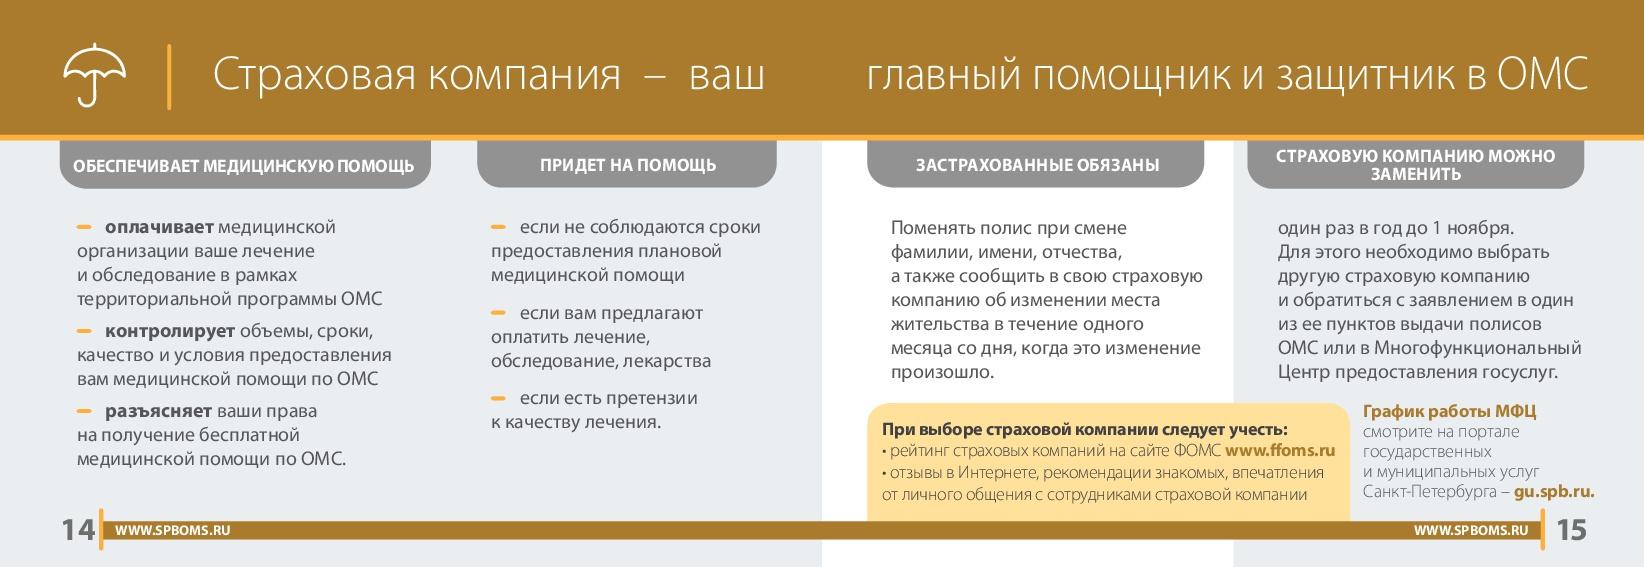 банкеты страховые компании омс в спб васильевский страницу пользователя